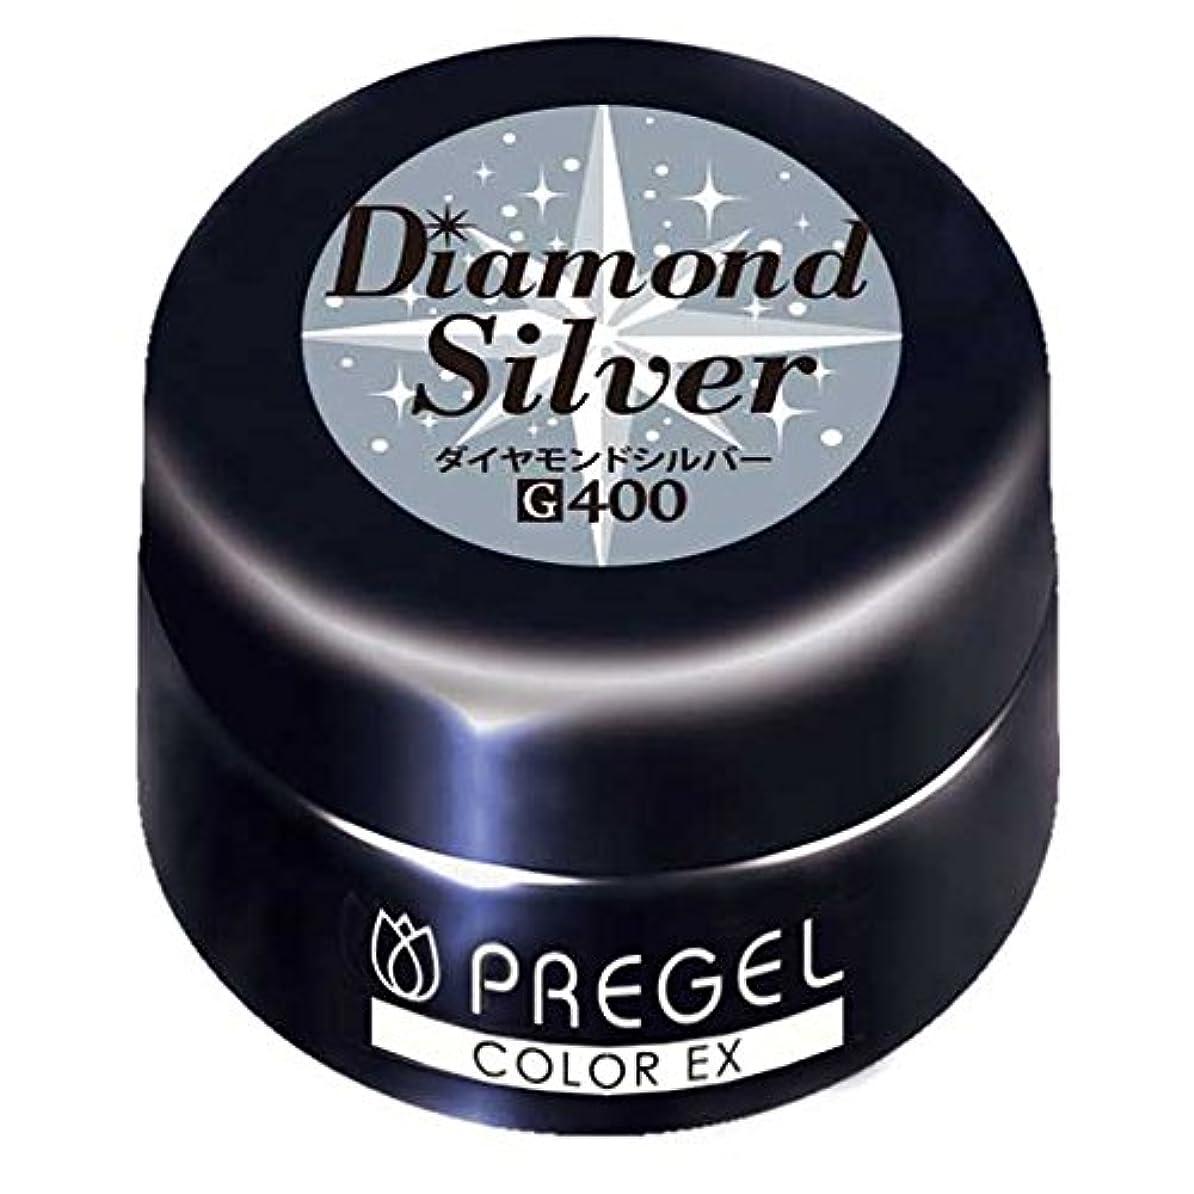 瞑想的余裕があるふさわしいPRE GEL カラーEX ダイヤモンドシルバーCE400 UV/LED対応 カラージェル